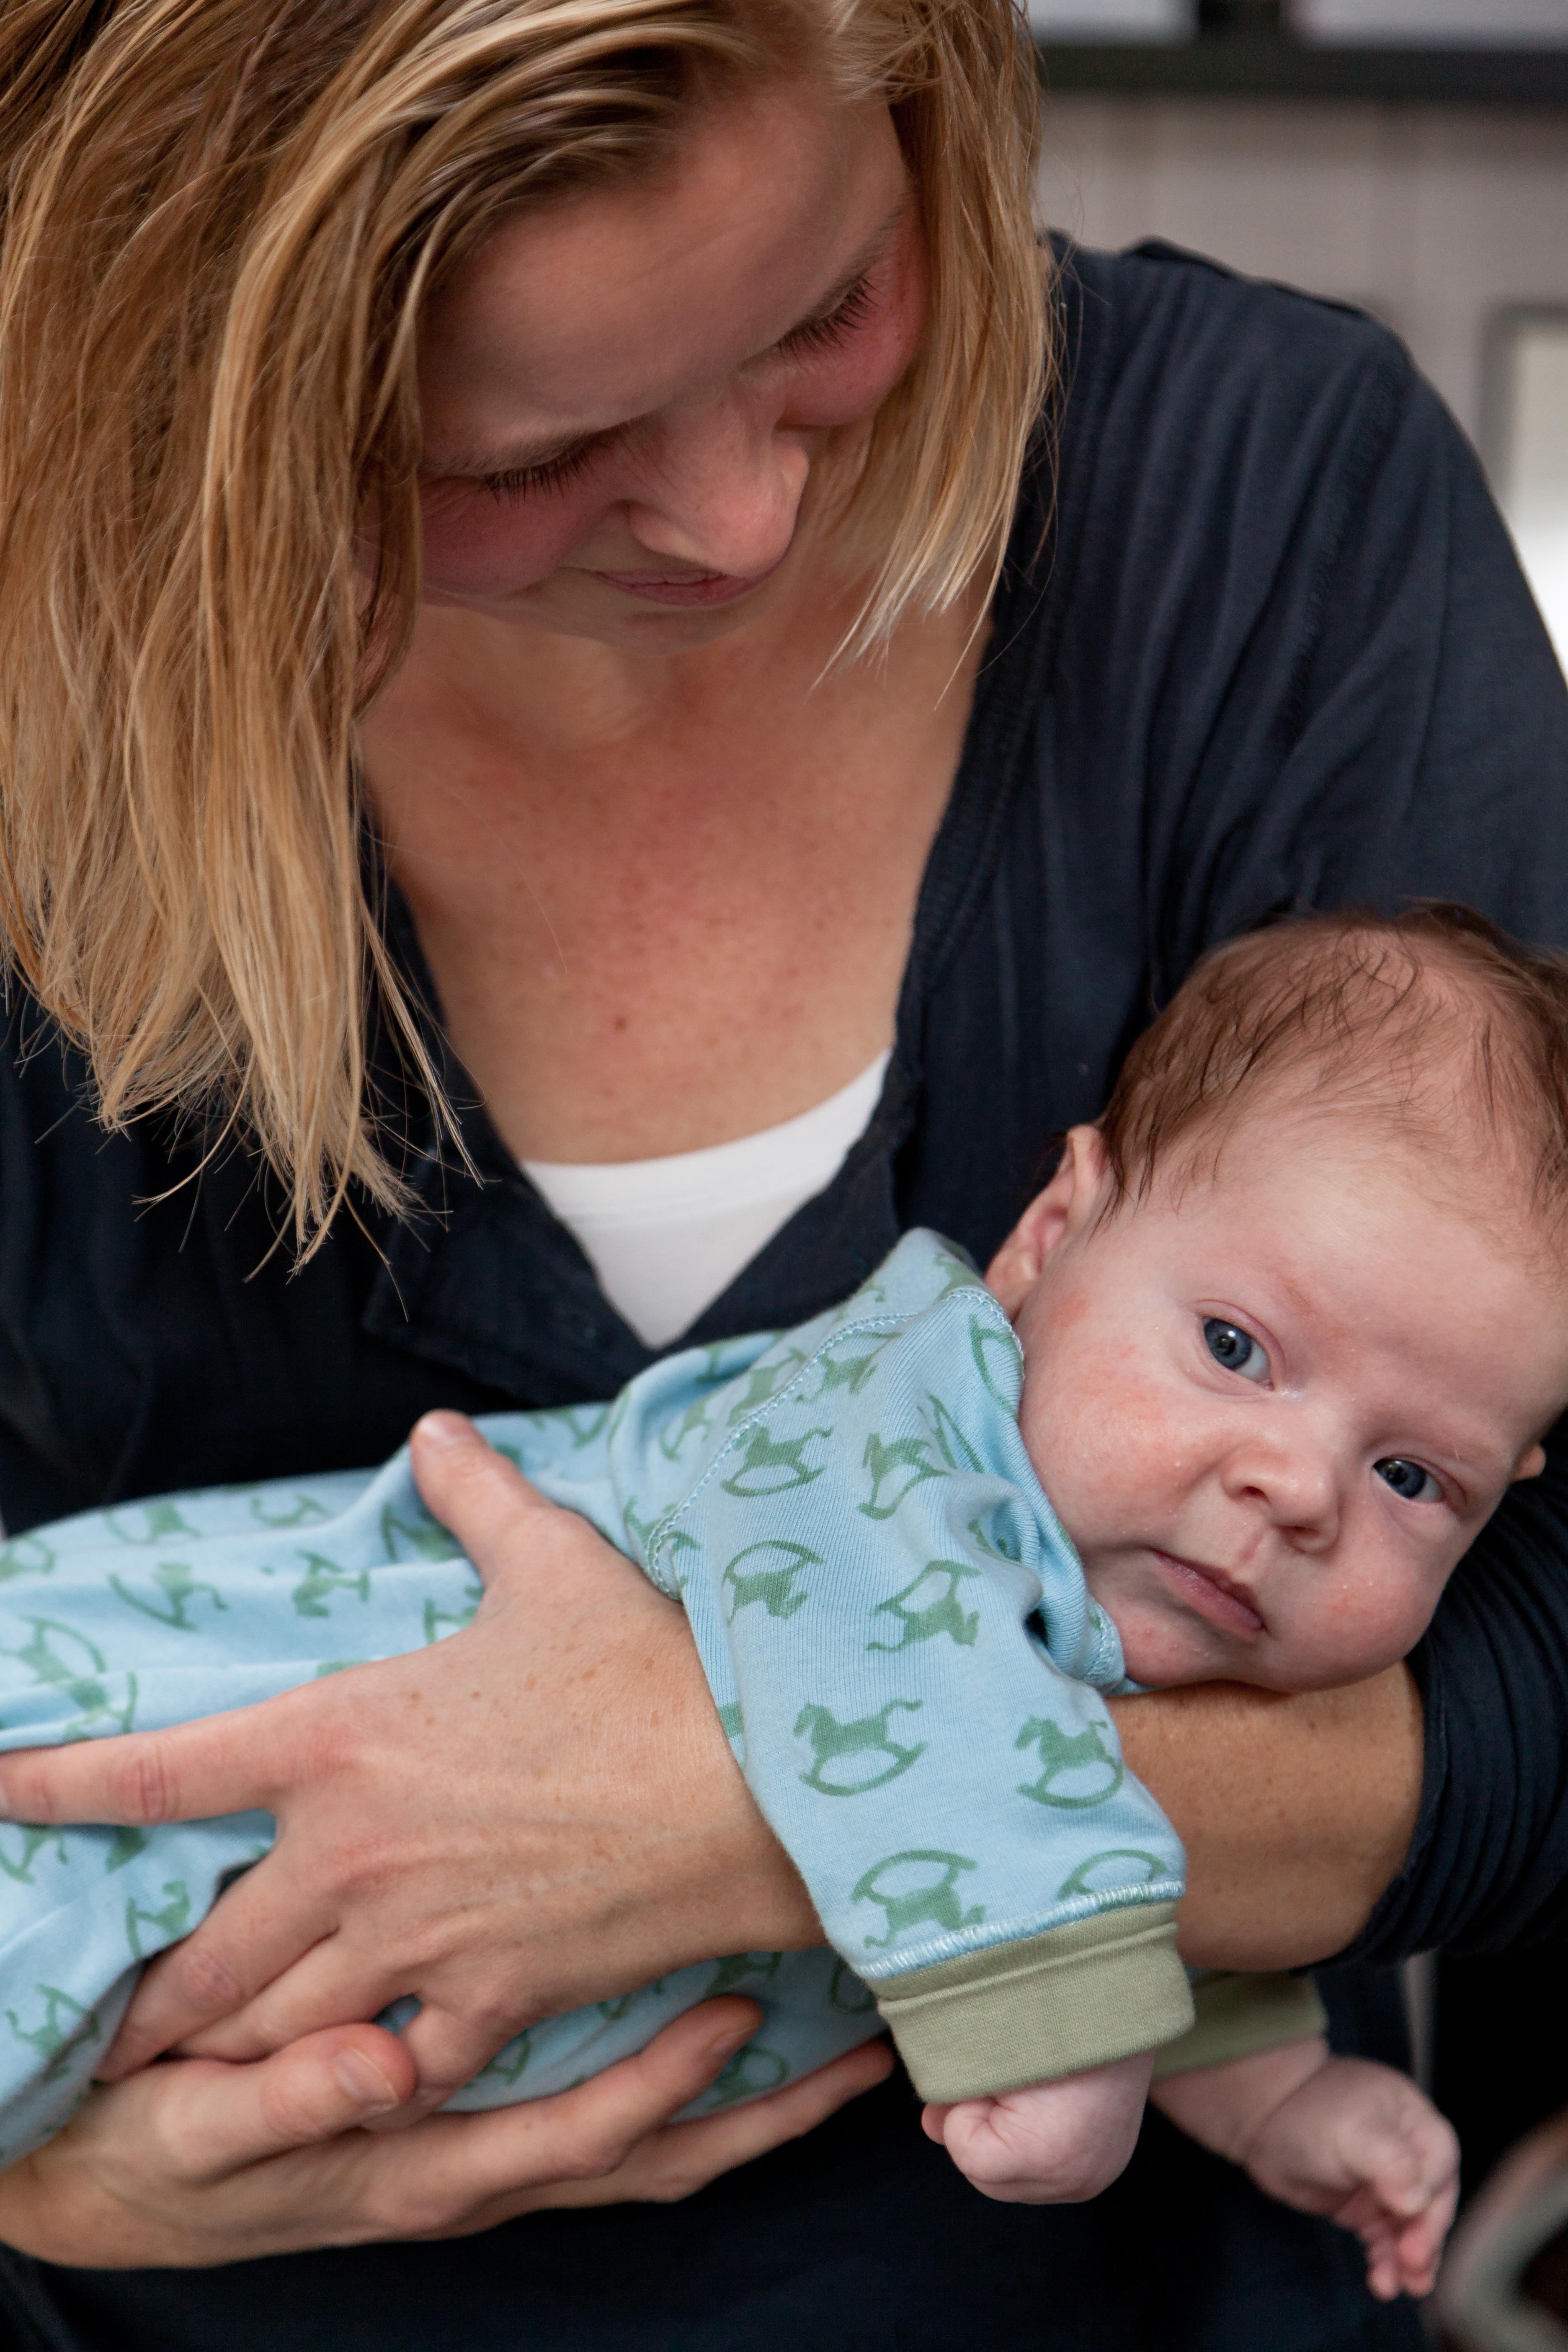 En baby skriger eller græder meget utrøstelig er hjerteskærende, og man kan føle sig magtesløs. Man har forsøgt alt uden held. Som Biodynamisk Kranio-Sakral terapeut sanser jeg energetisk som dit barn. Behandlingen er derfor meget blid. Læs mere her eller ring/sms til Lis Hauge ☎ 40199714